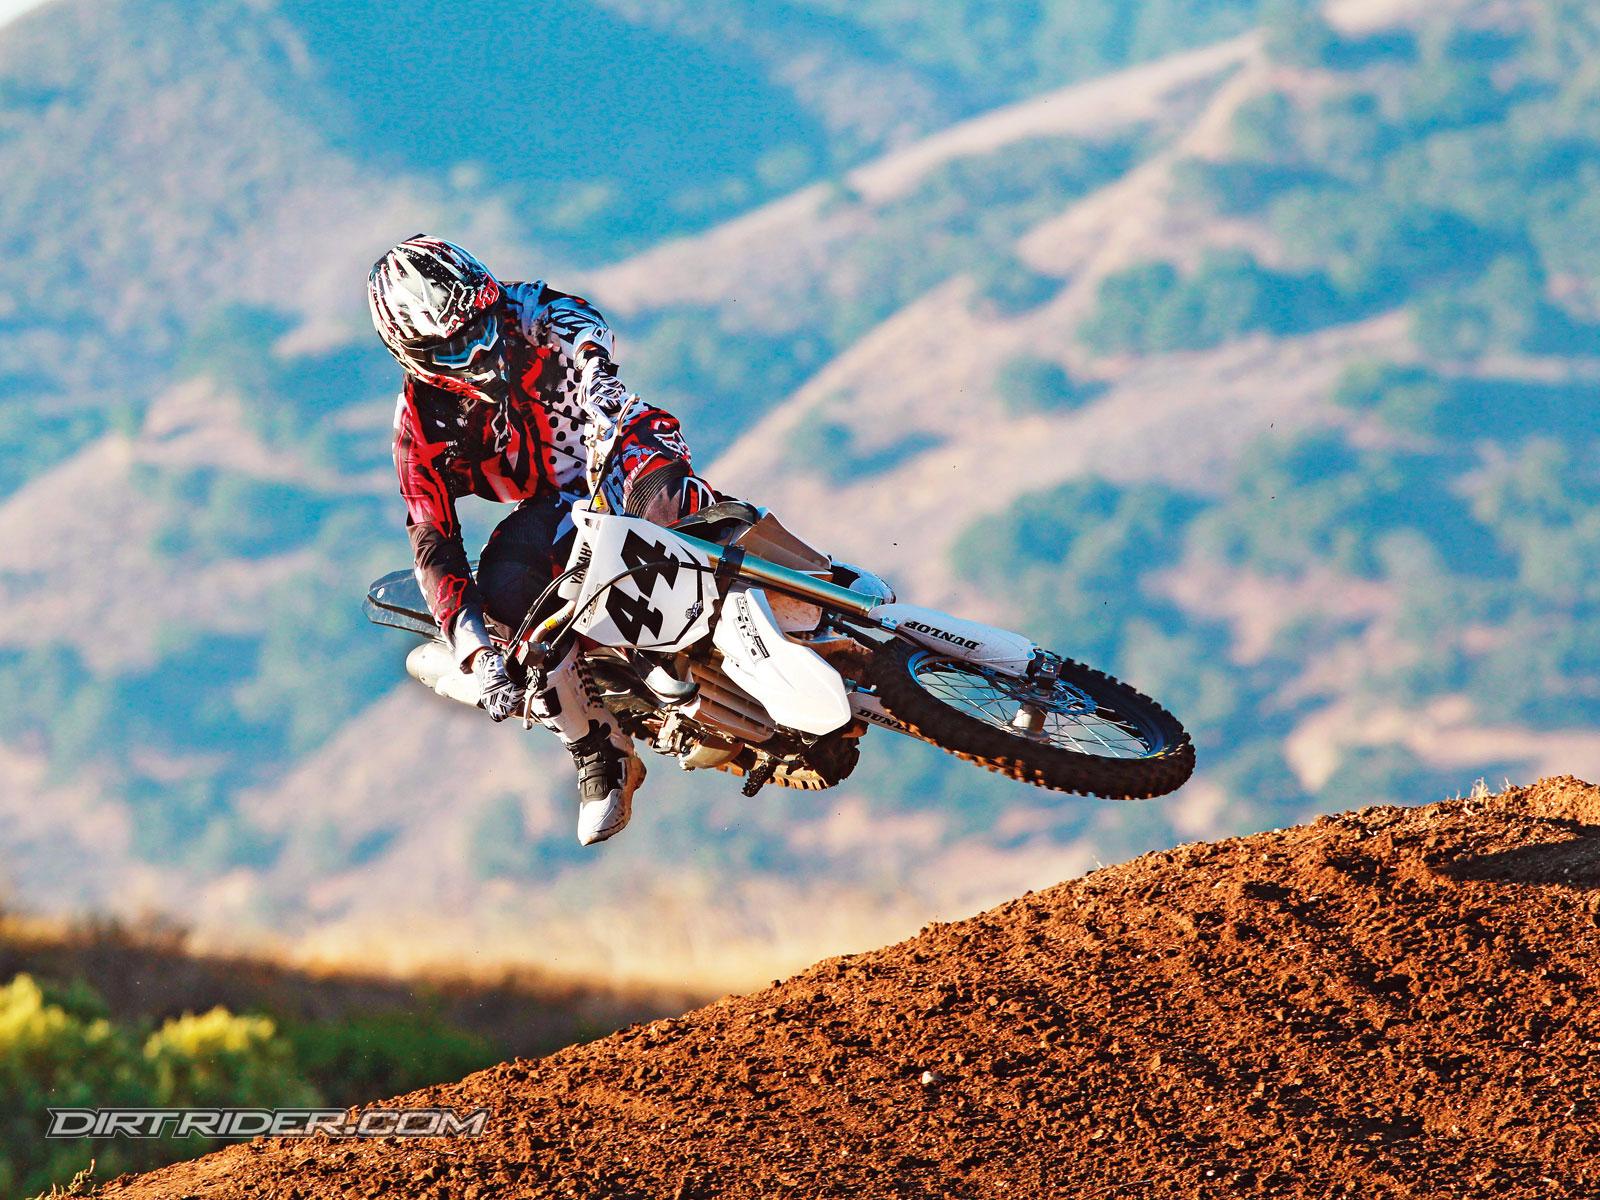 Dirt Bikes Wallpapers WallpaperSafari